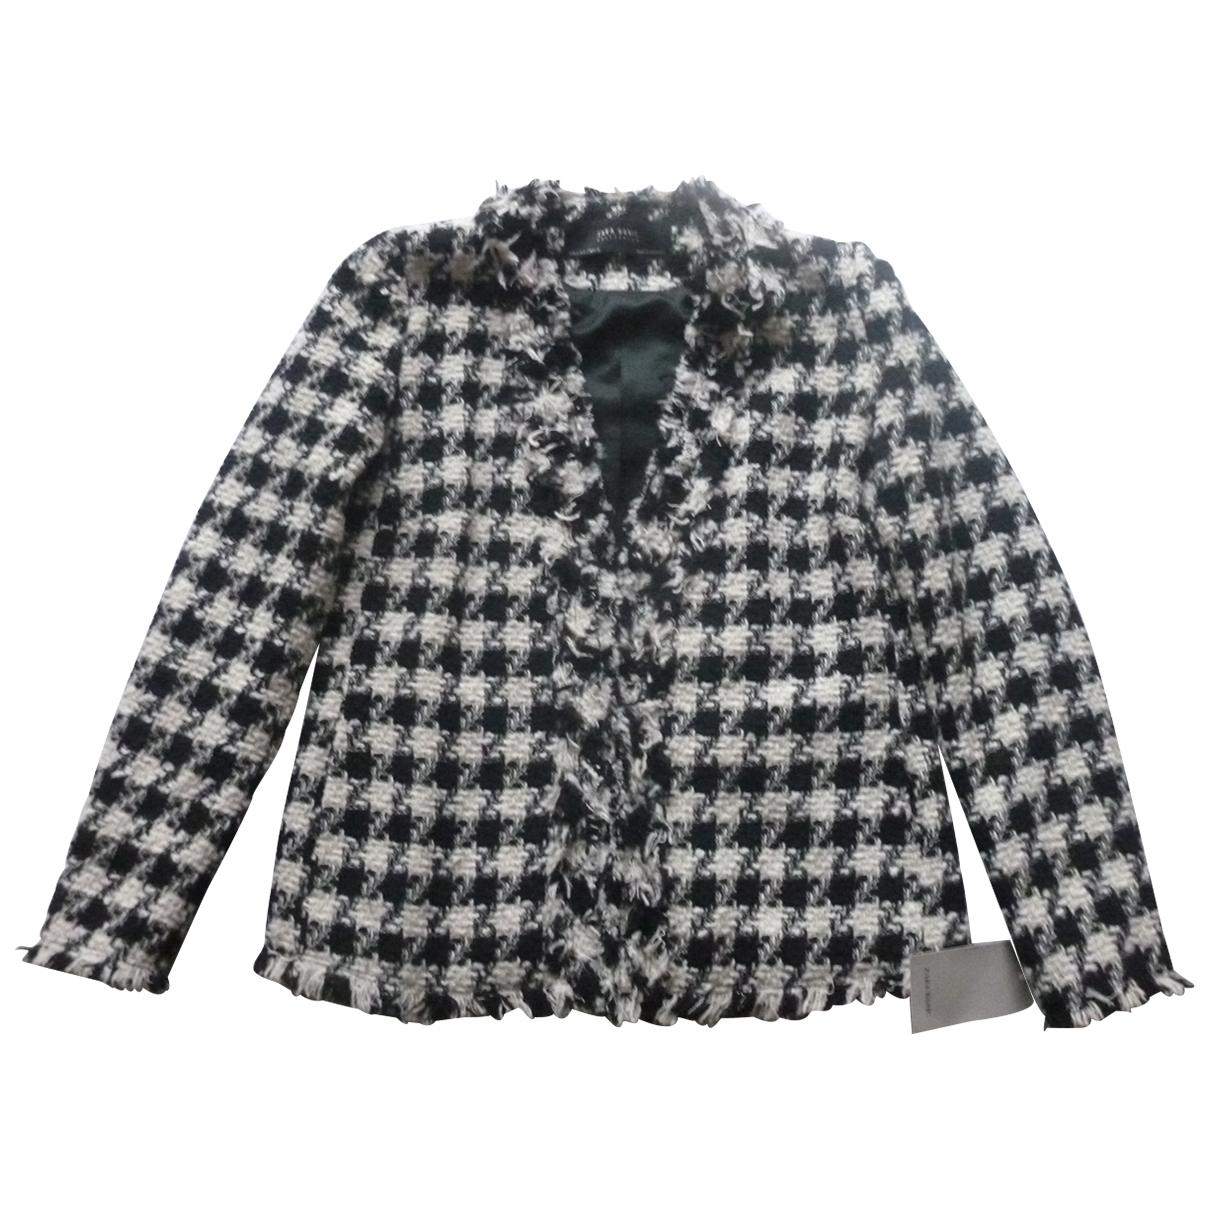 Zara \N Jacke in Wolle